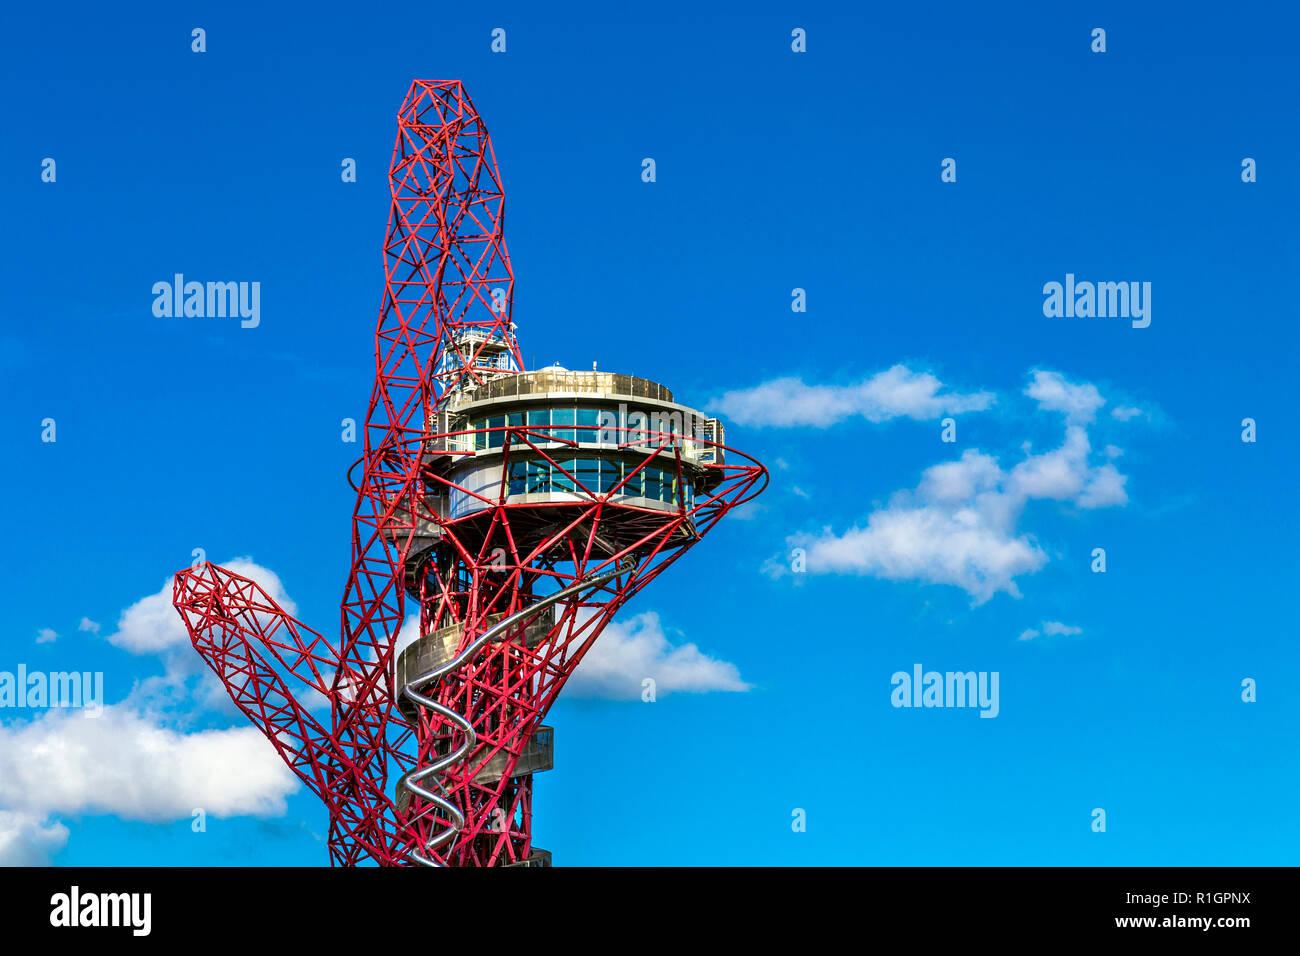 Arcelor Mittal Orbit von Anish Kapoor im Olympischen Dorf, London, England Stockfoto